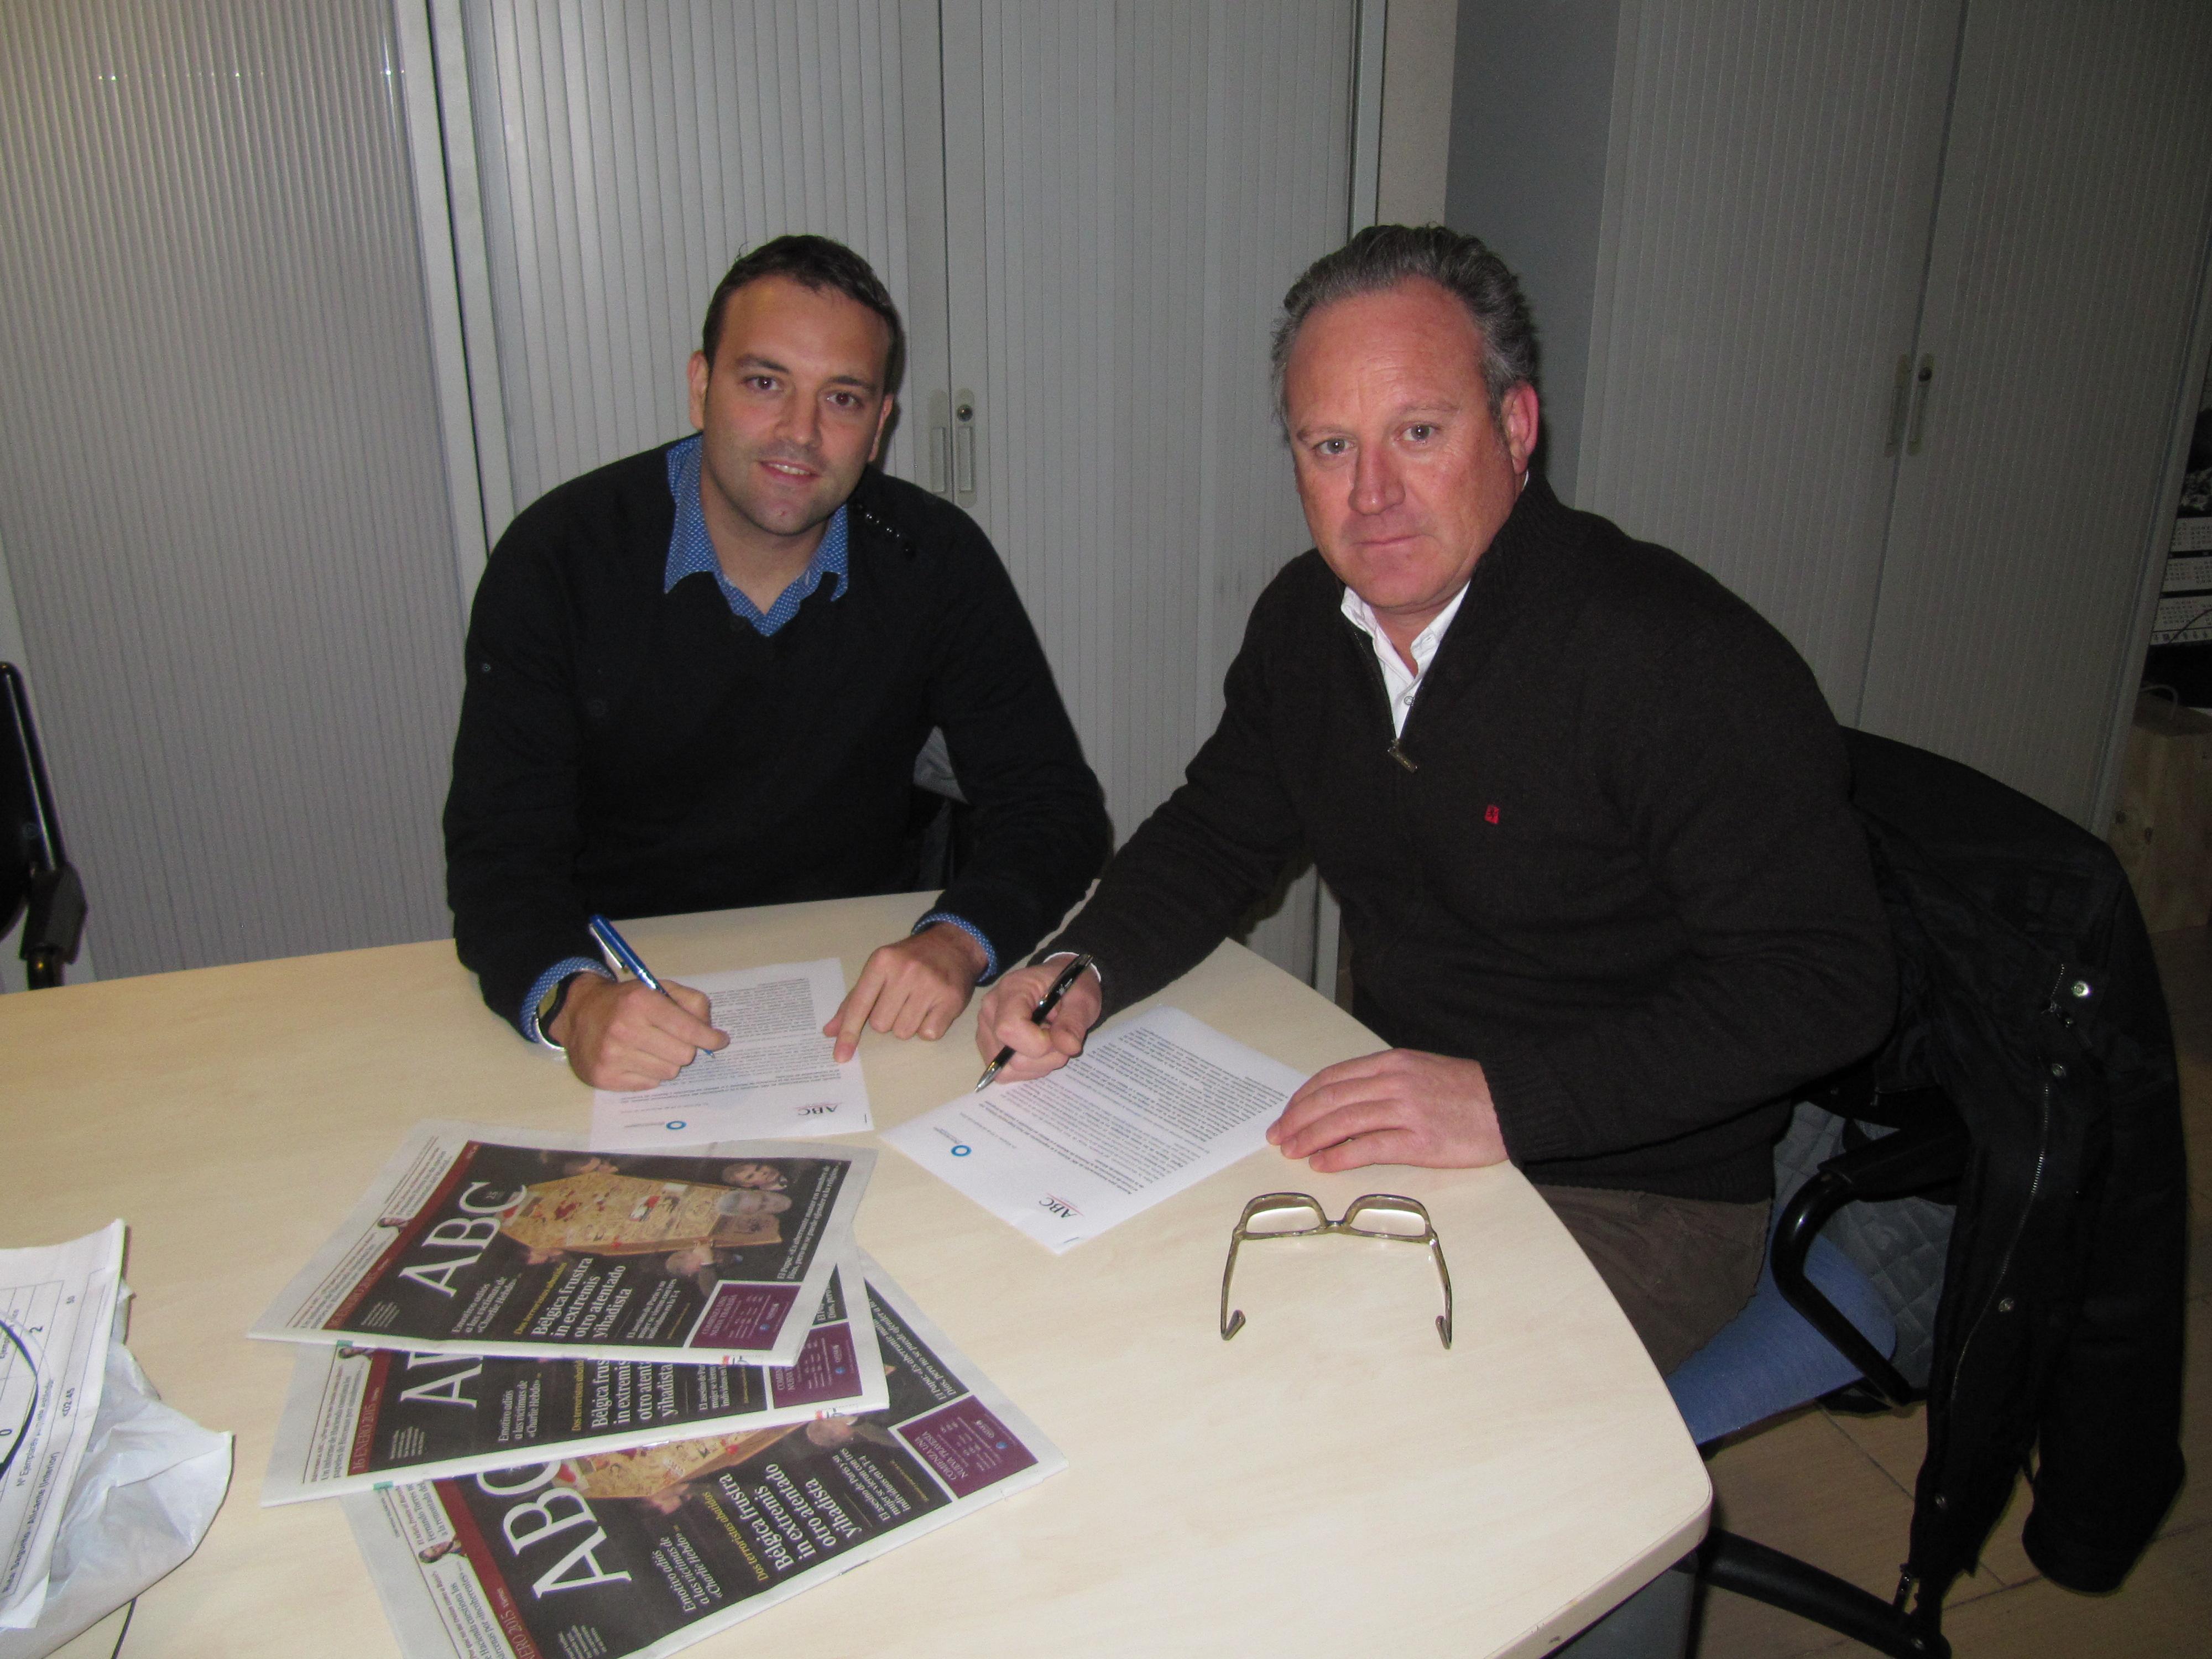 Incorporación de ABC Alicante a la organización del Foro Empresarial Síntesis.